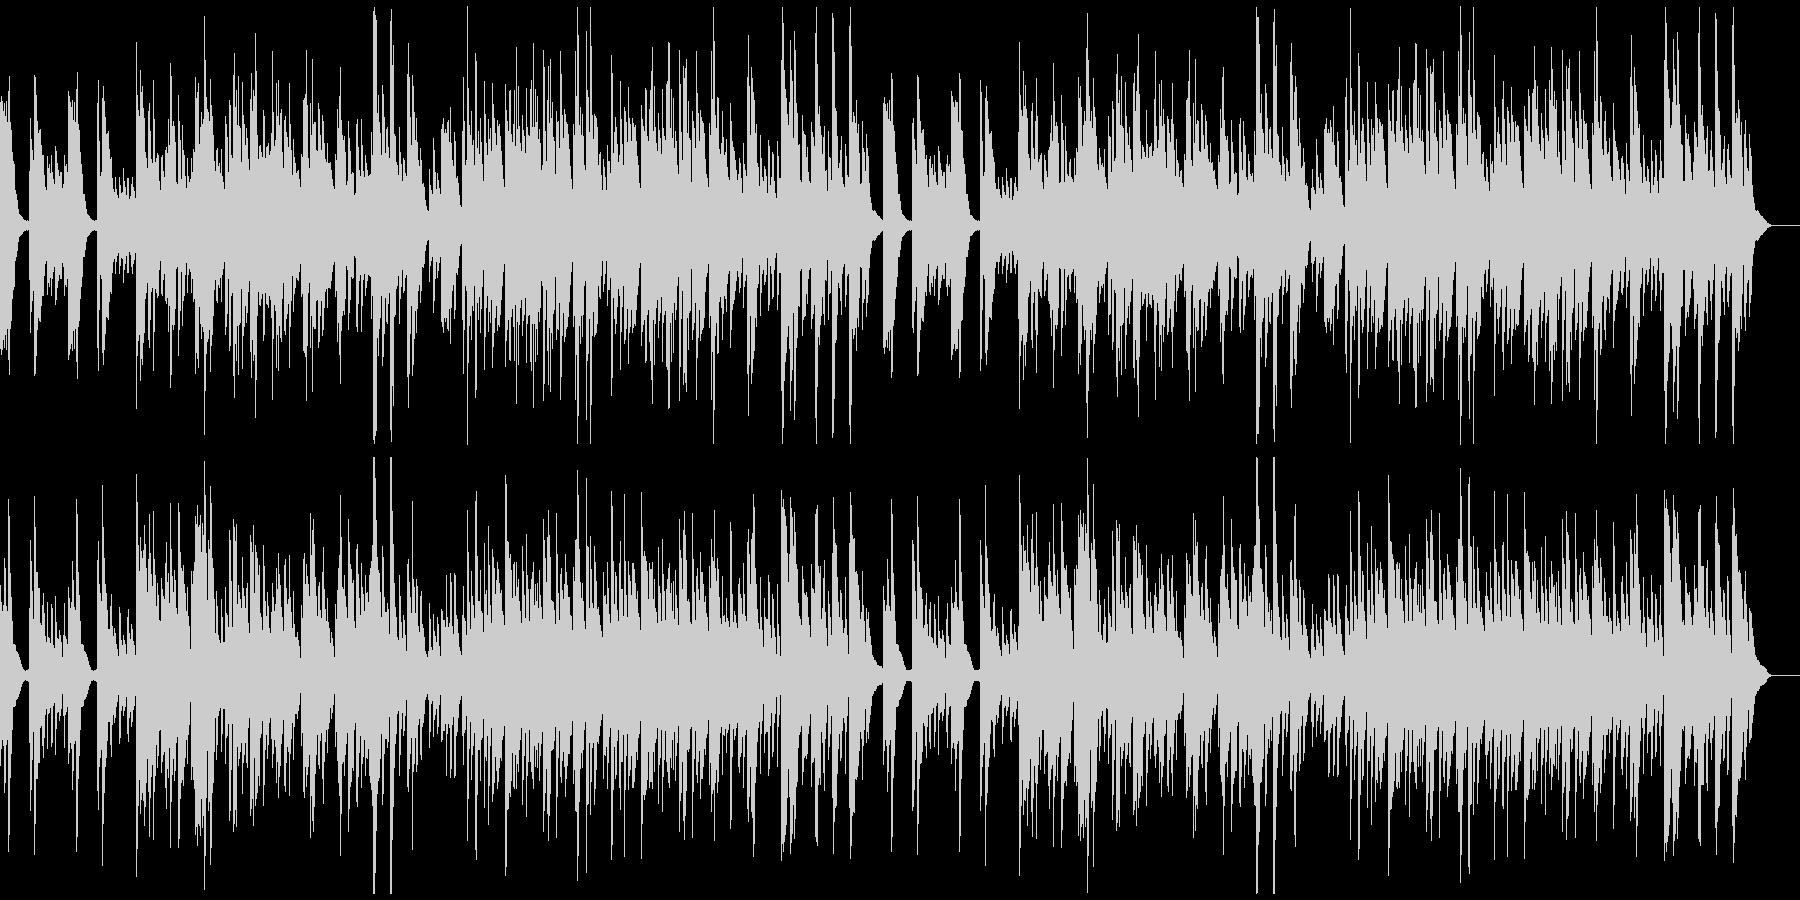 しんと静まり返るようなソロ・ピアノ曲の未再生の波形